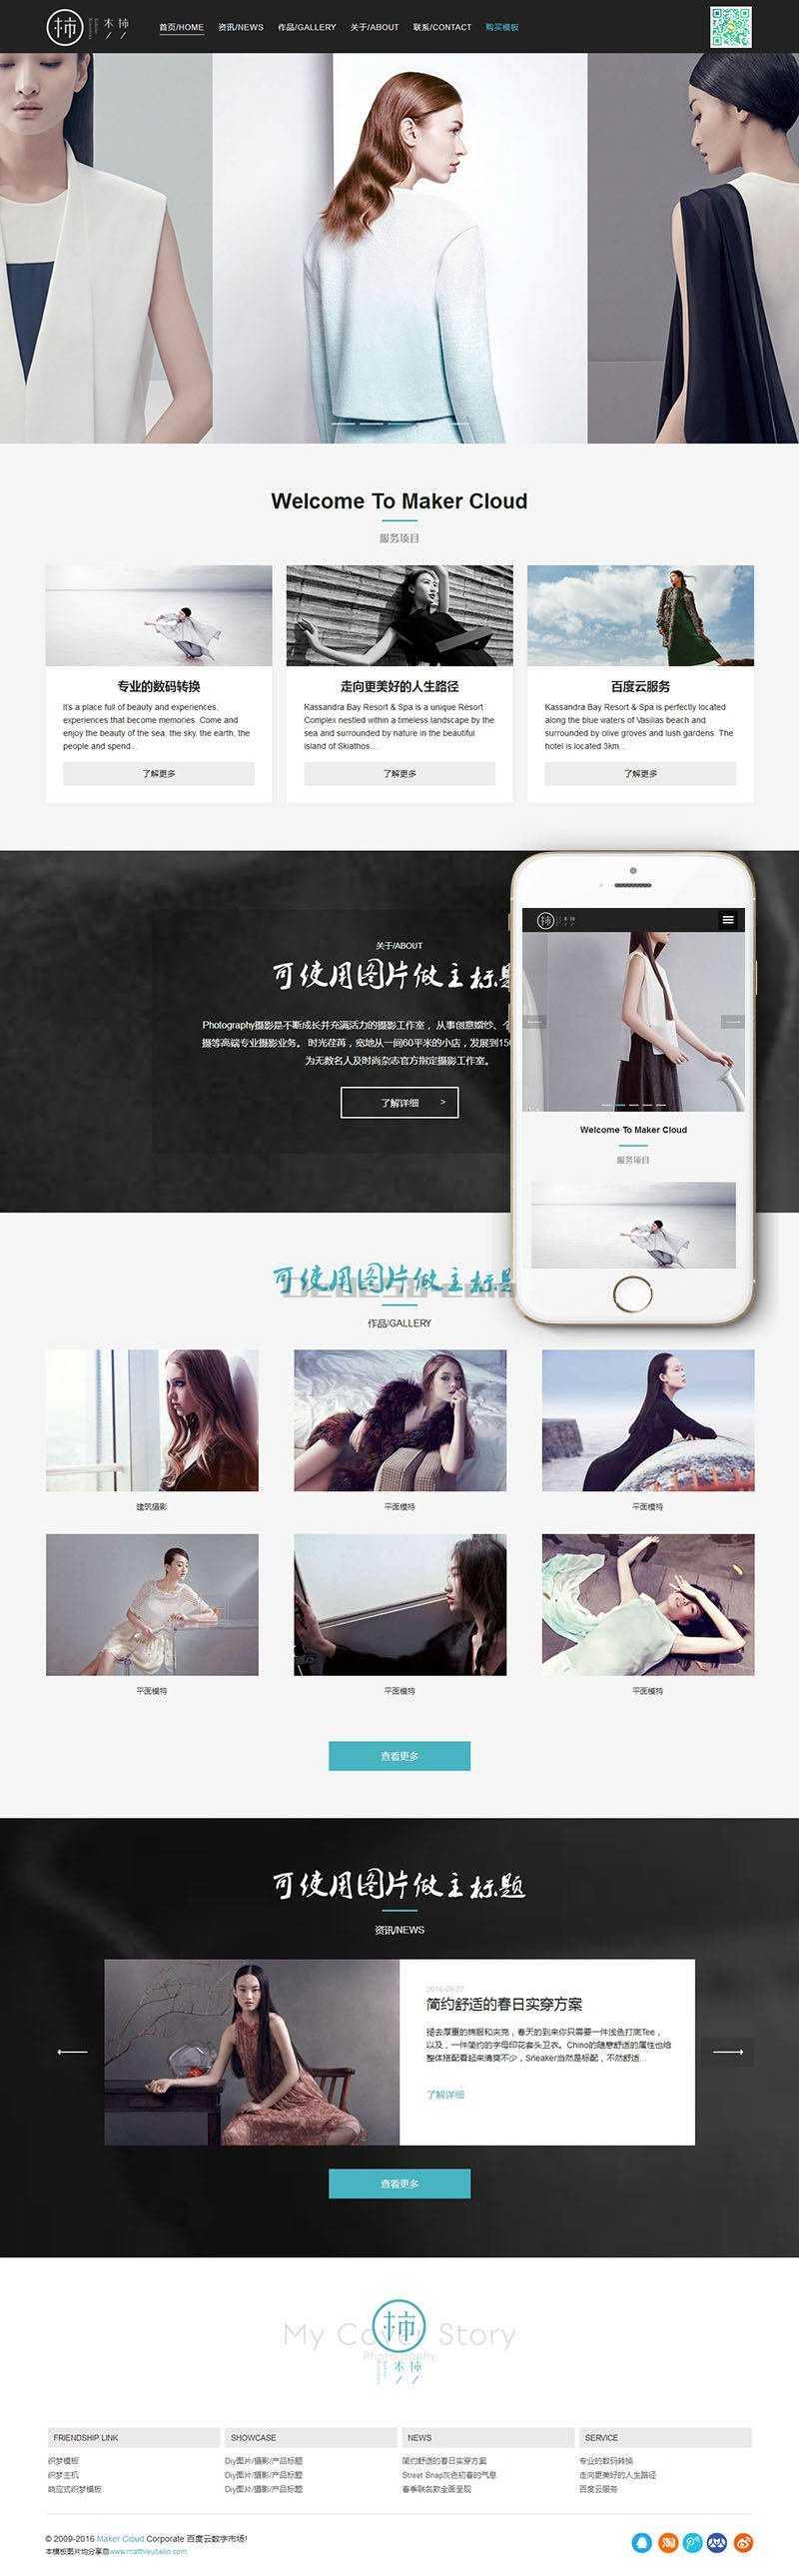 织梦响应式服装广告设计模特艺术展示类织梦模板(自适应手机端)